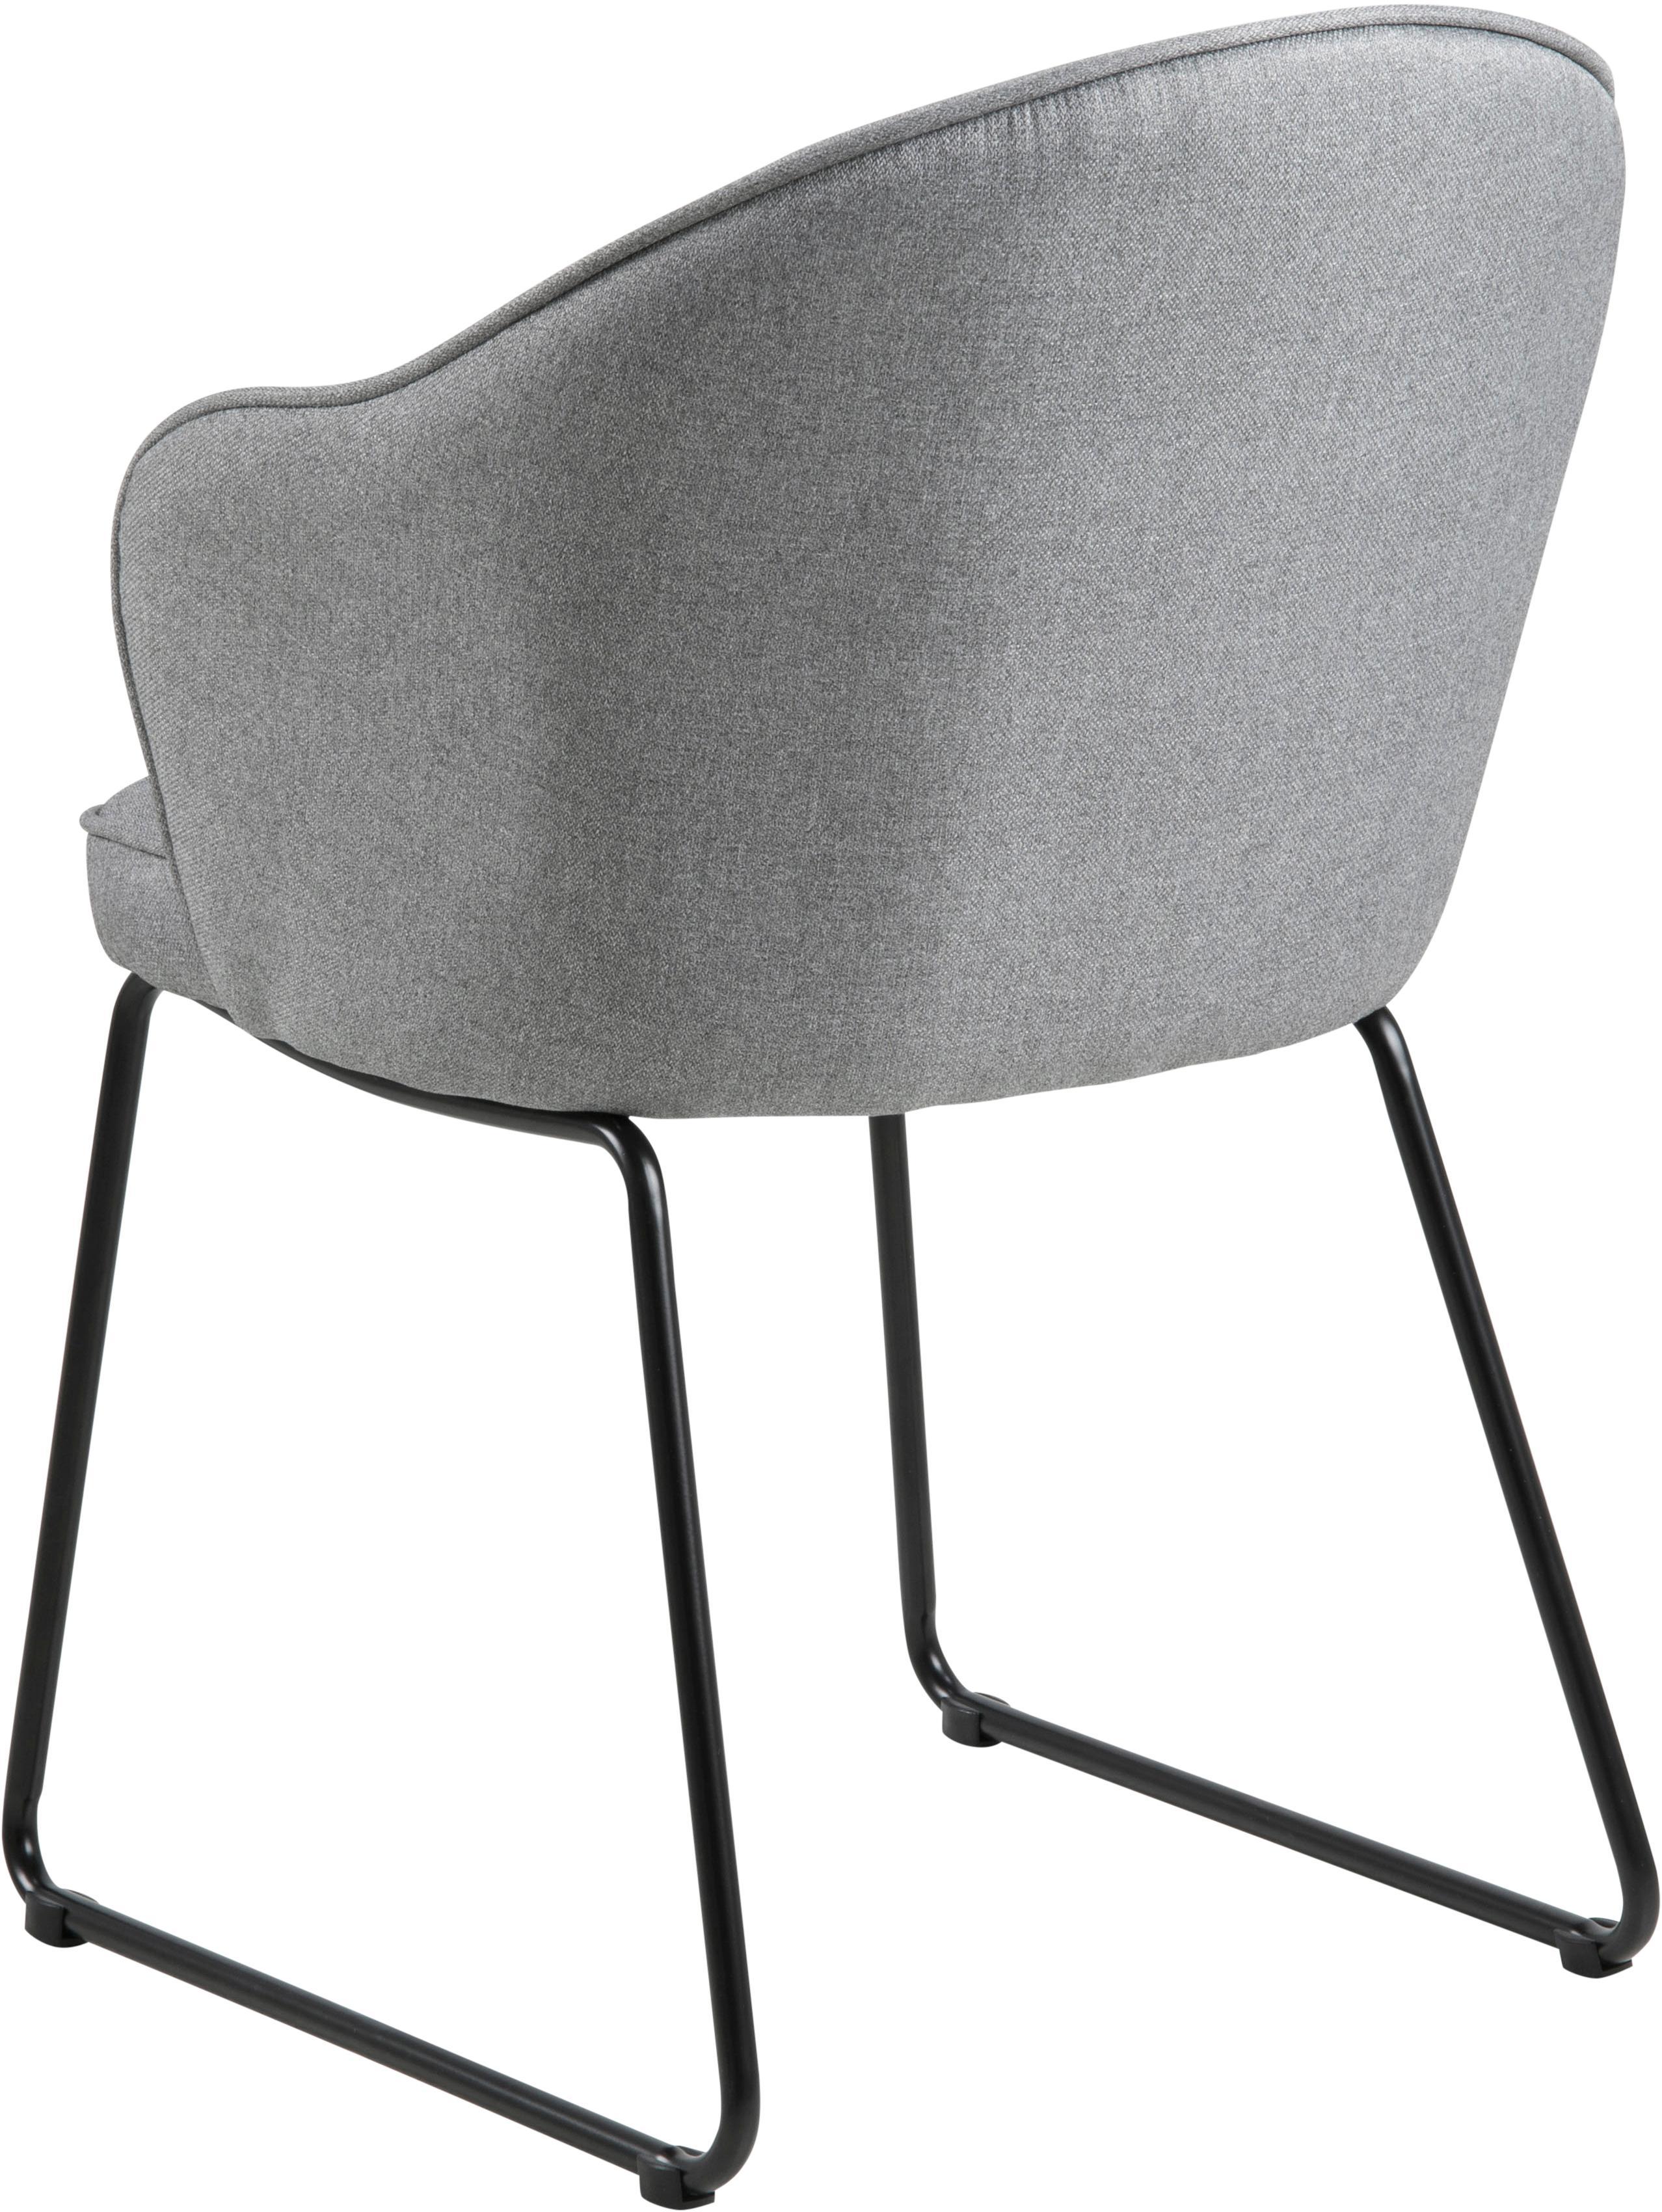 Armlehnstuhl Mitzie, Bezug: Polyester Der hochwertige, Beine: Metall, lackiert, Webstoff Hellgrau, Beine Schwarz, B 57 x T 59 cm